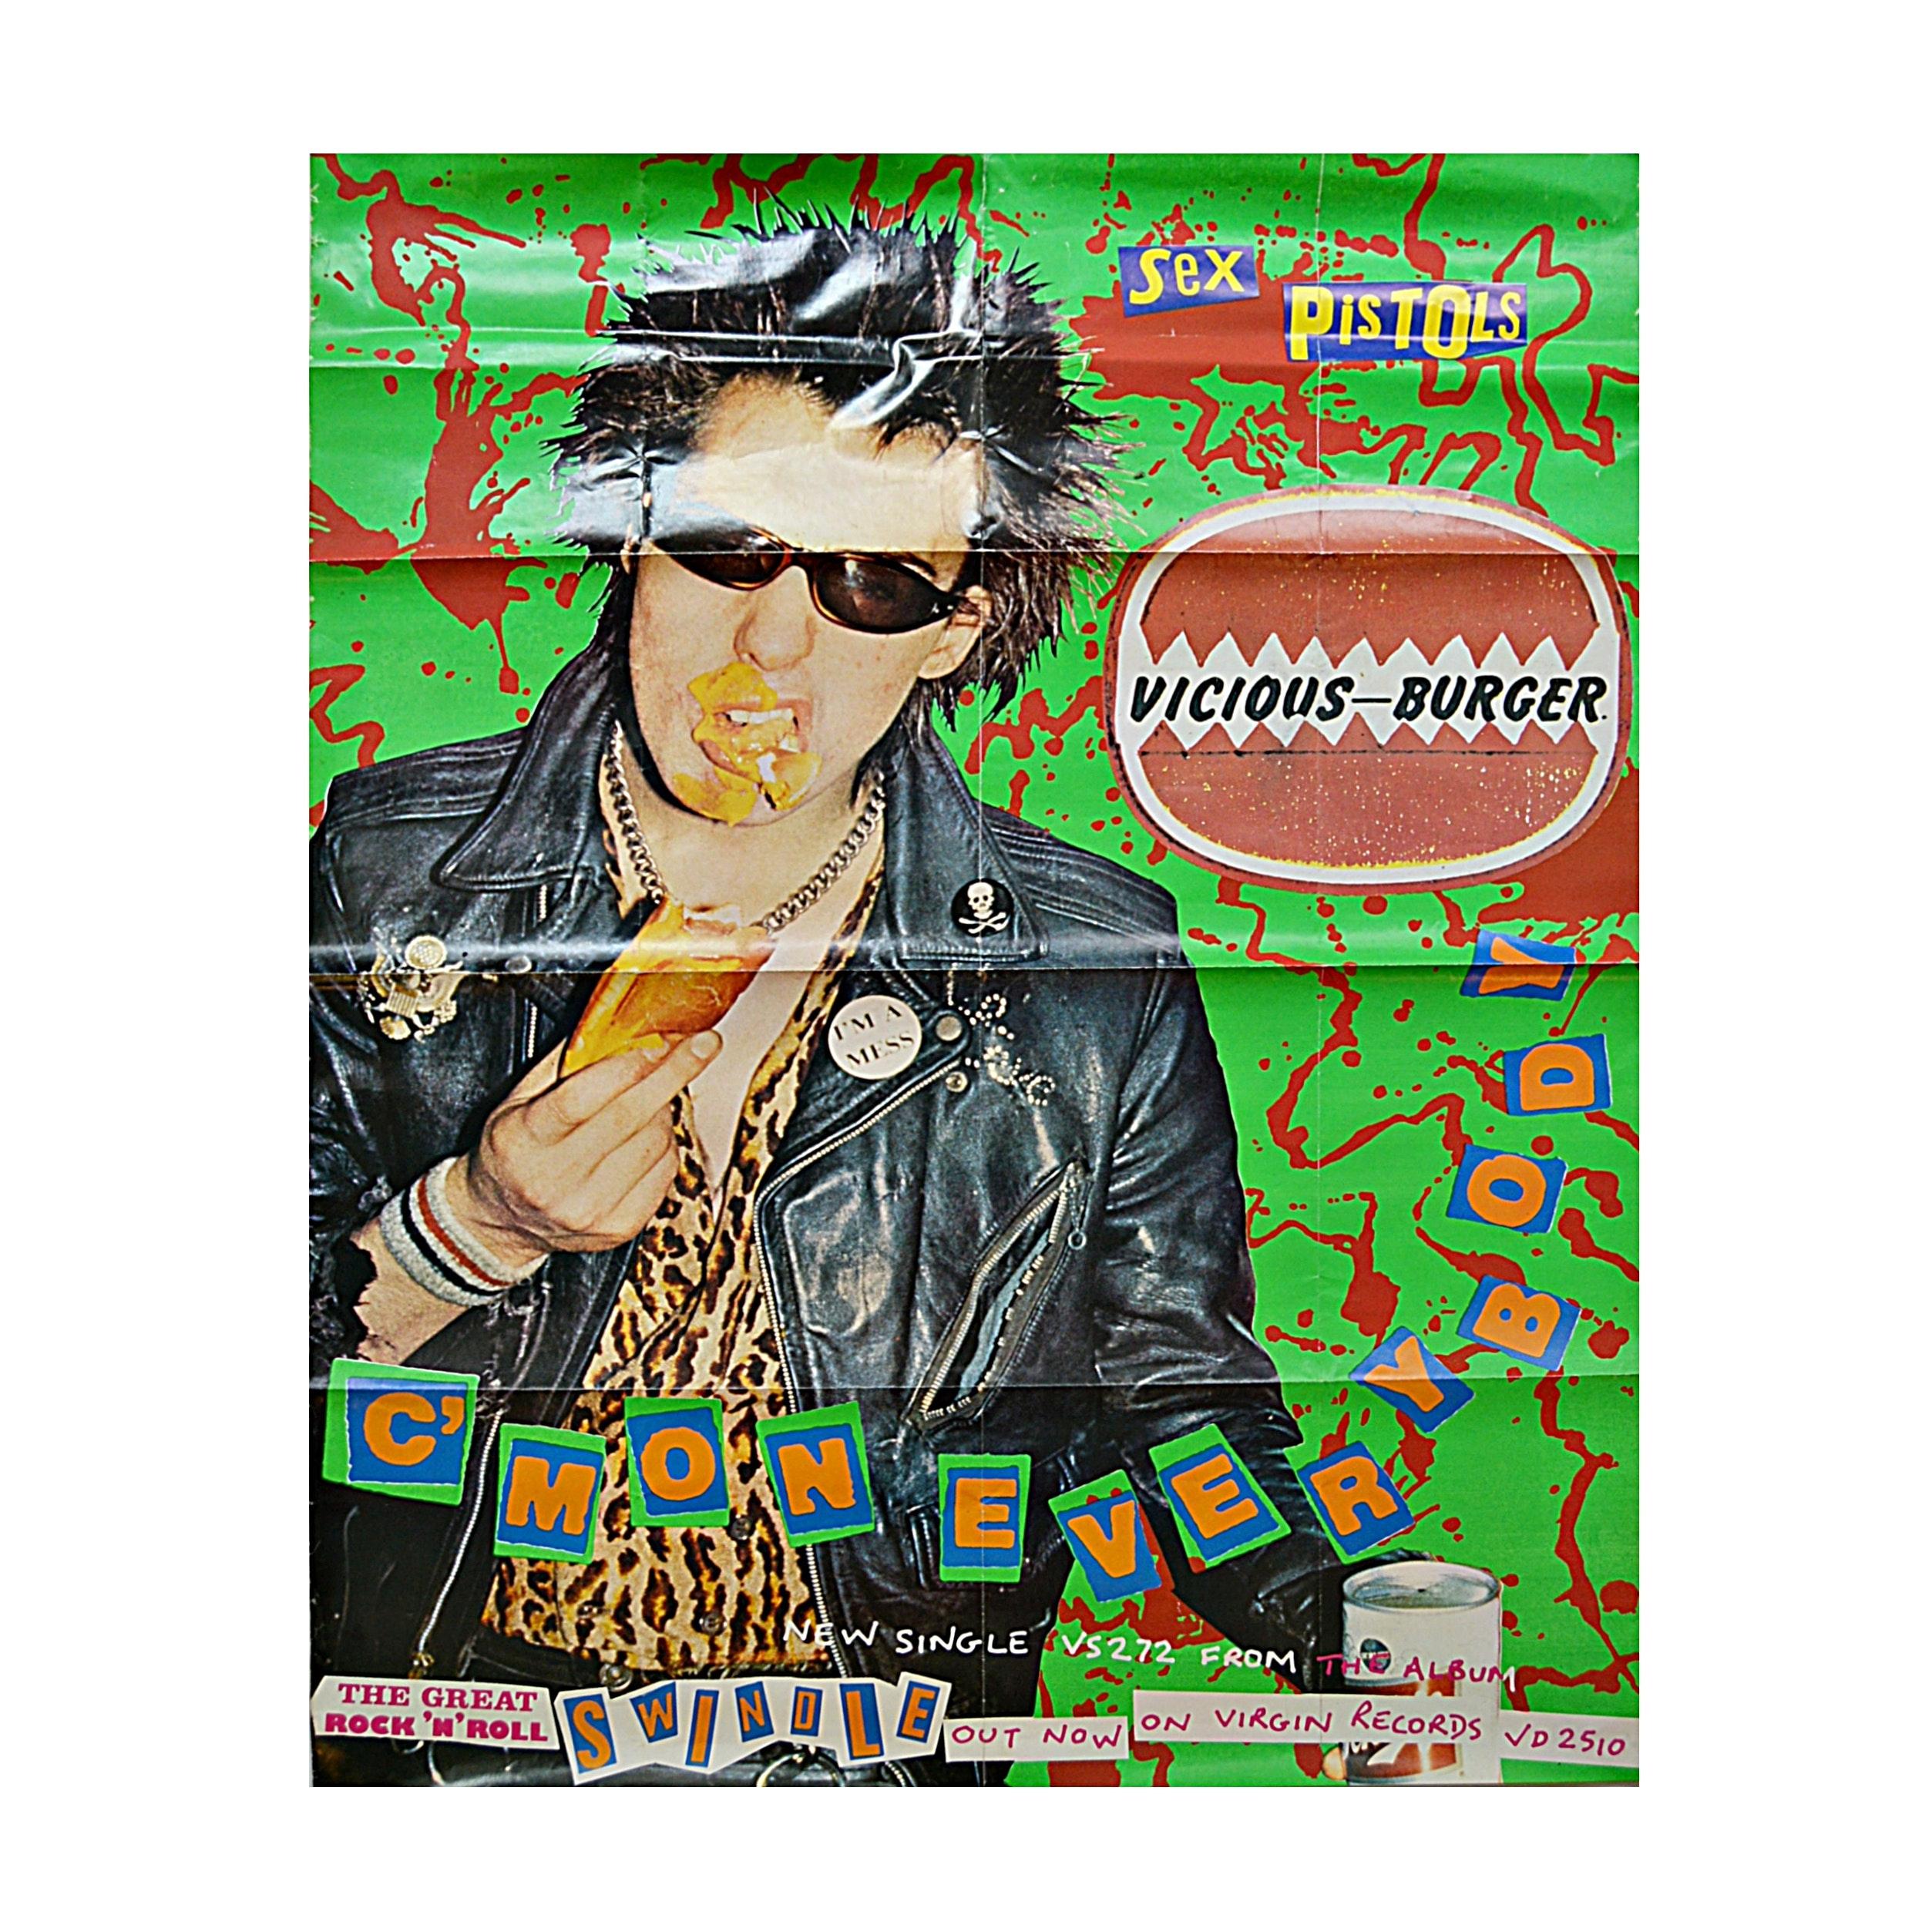 """Original Jamie Reid-Designed 1970s Sex Pistols """"Vicious Burgers"""" Poster"""